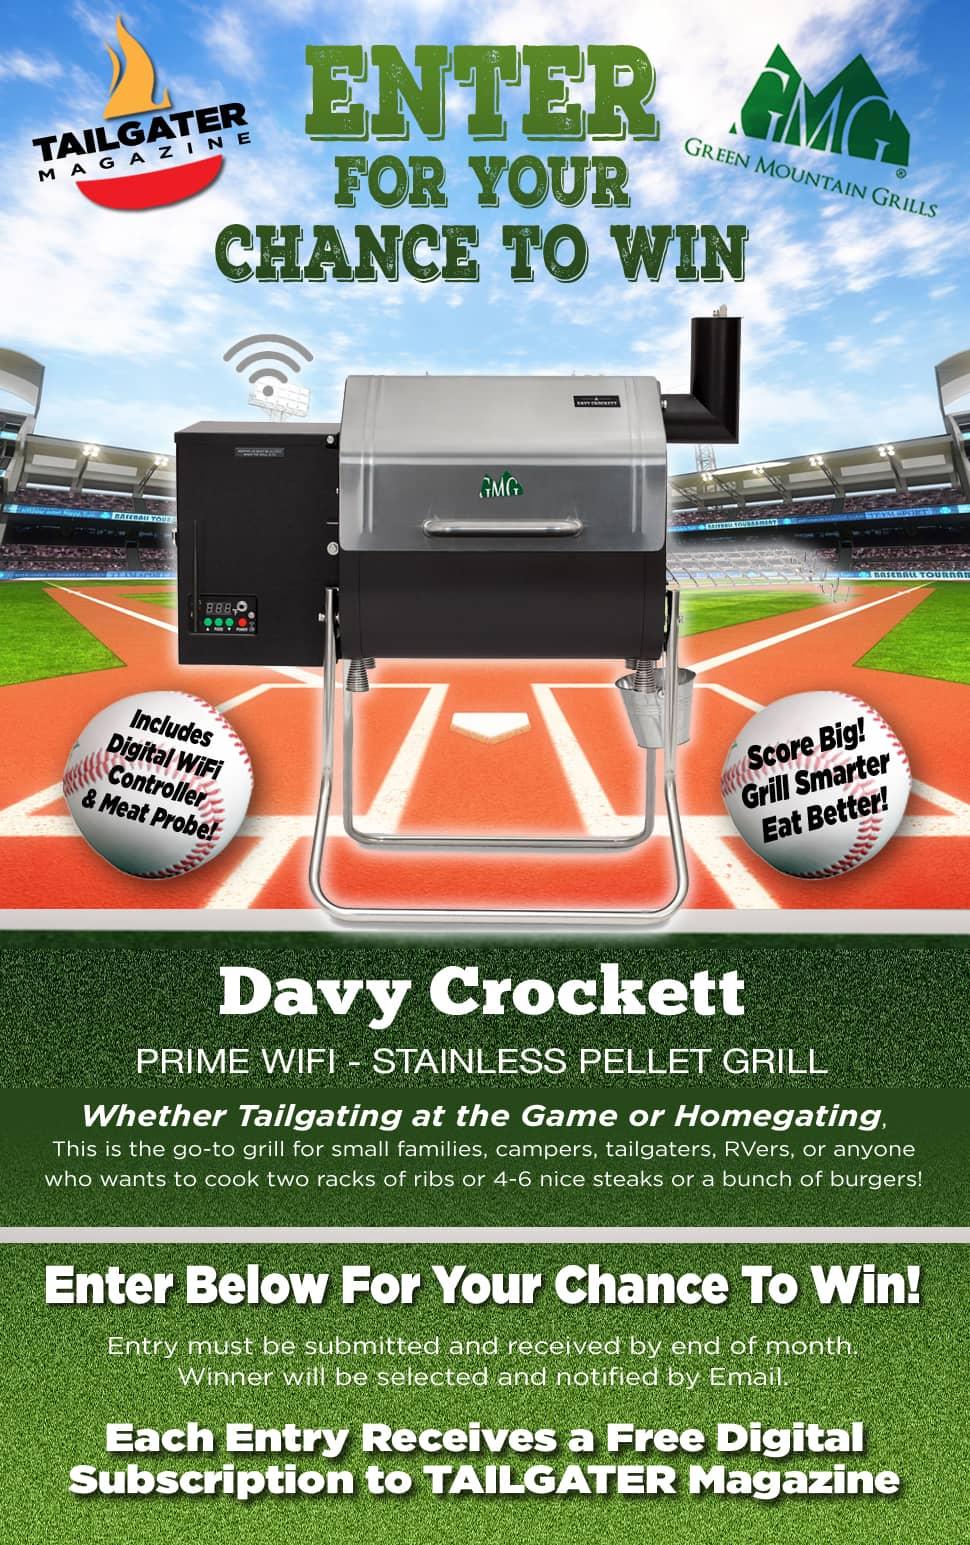 Davy Crockett Pellet Grill